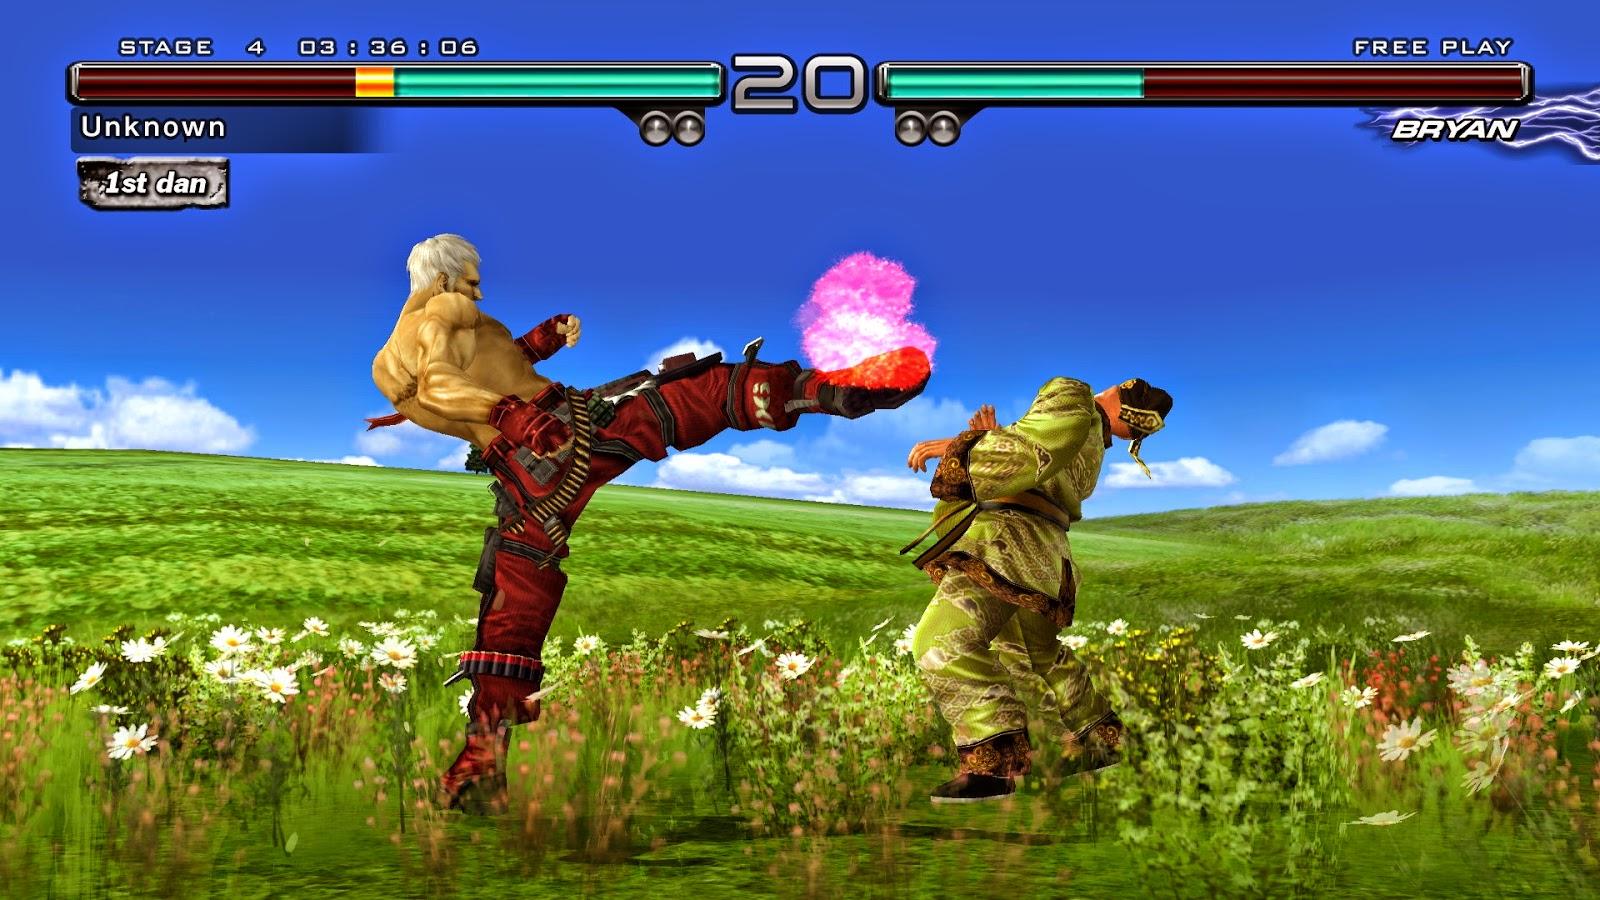 Free Download Tekken 5 Game PC